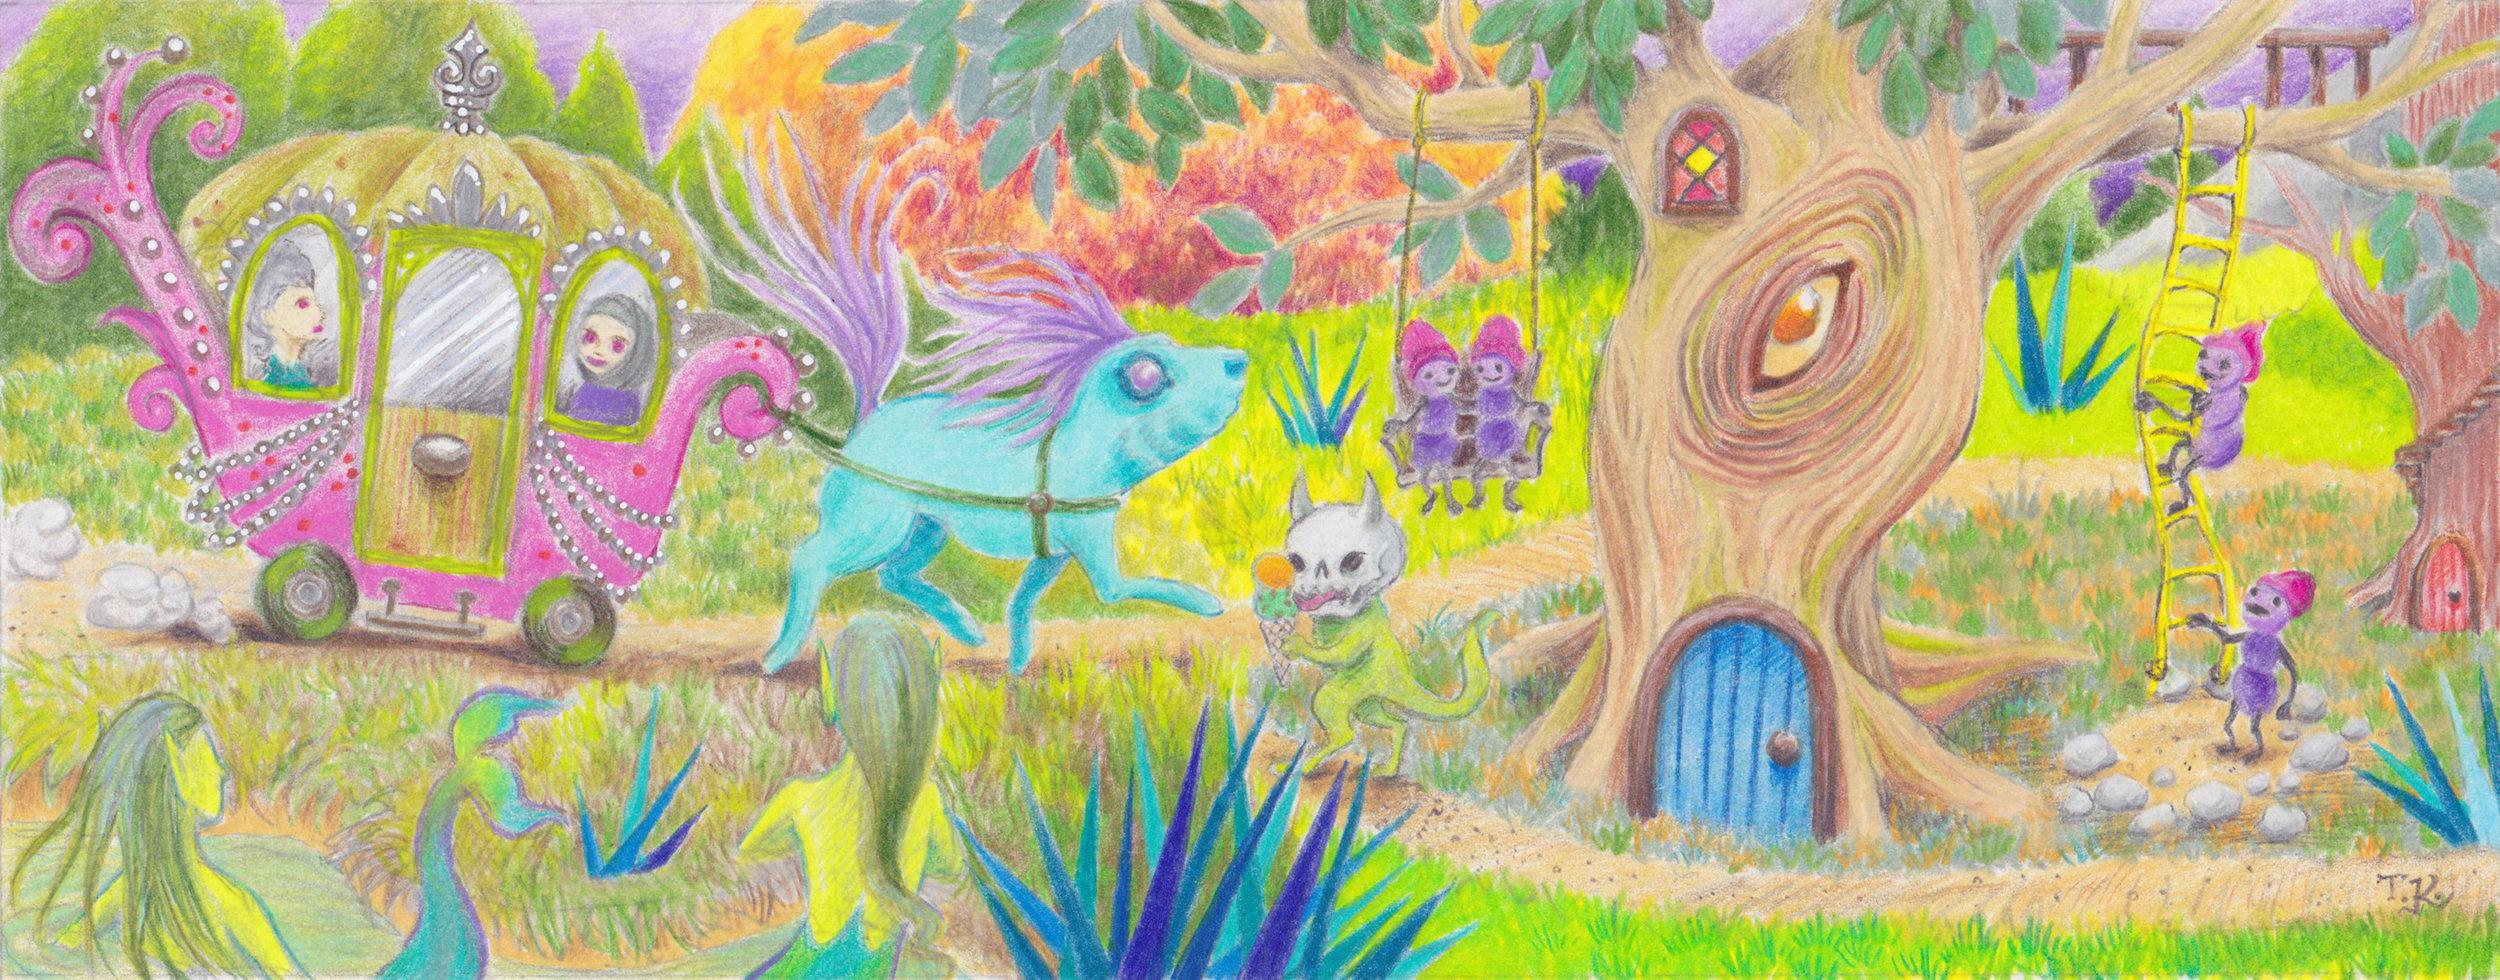 Lil' Fairy Landscape